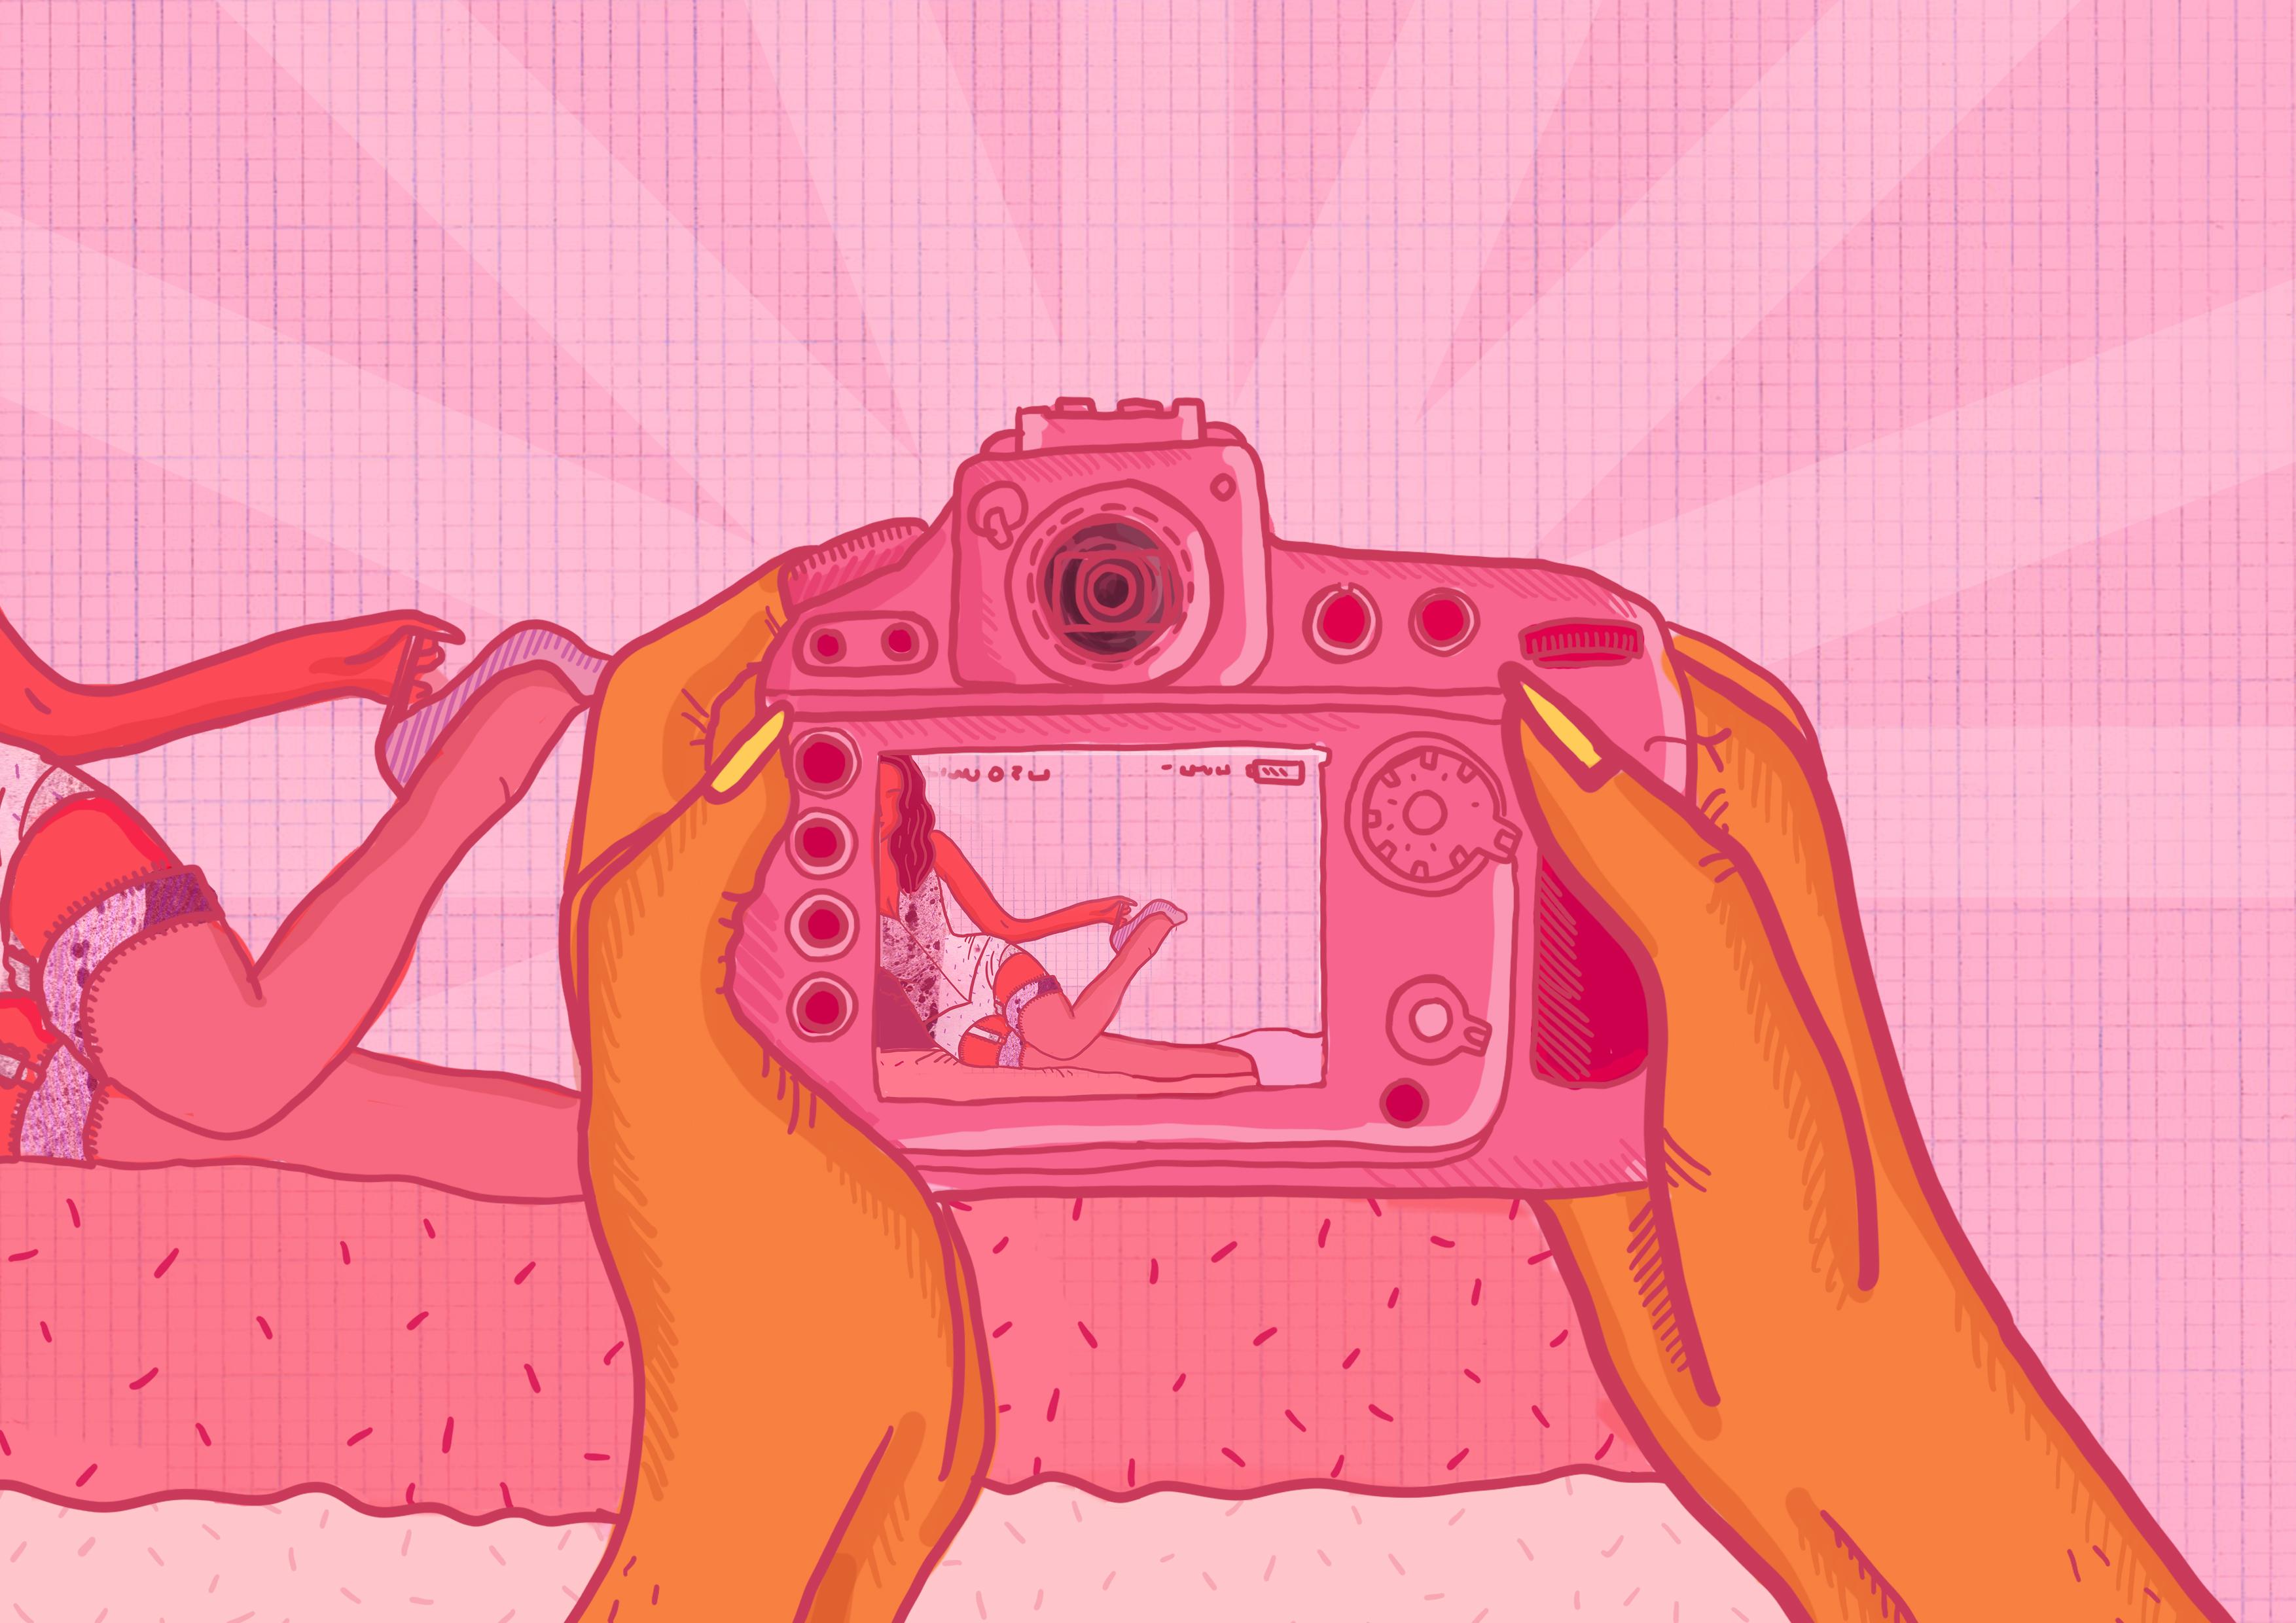 καρτούν πορνό και σεξ βίντεο